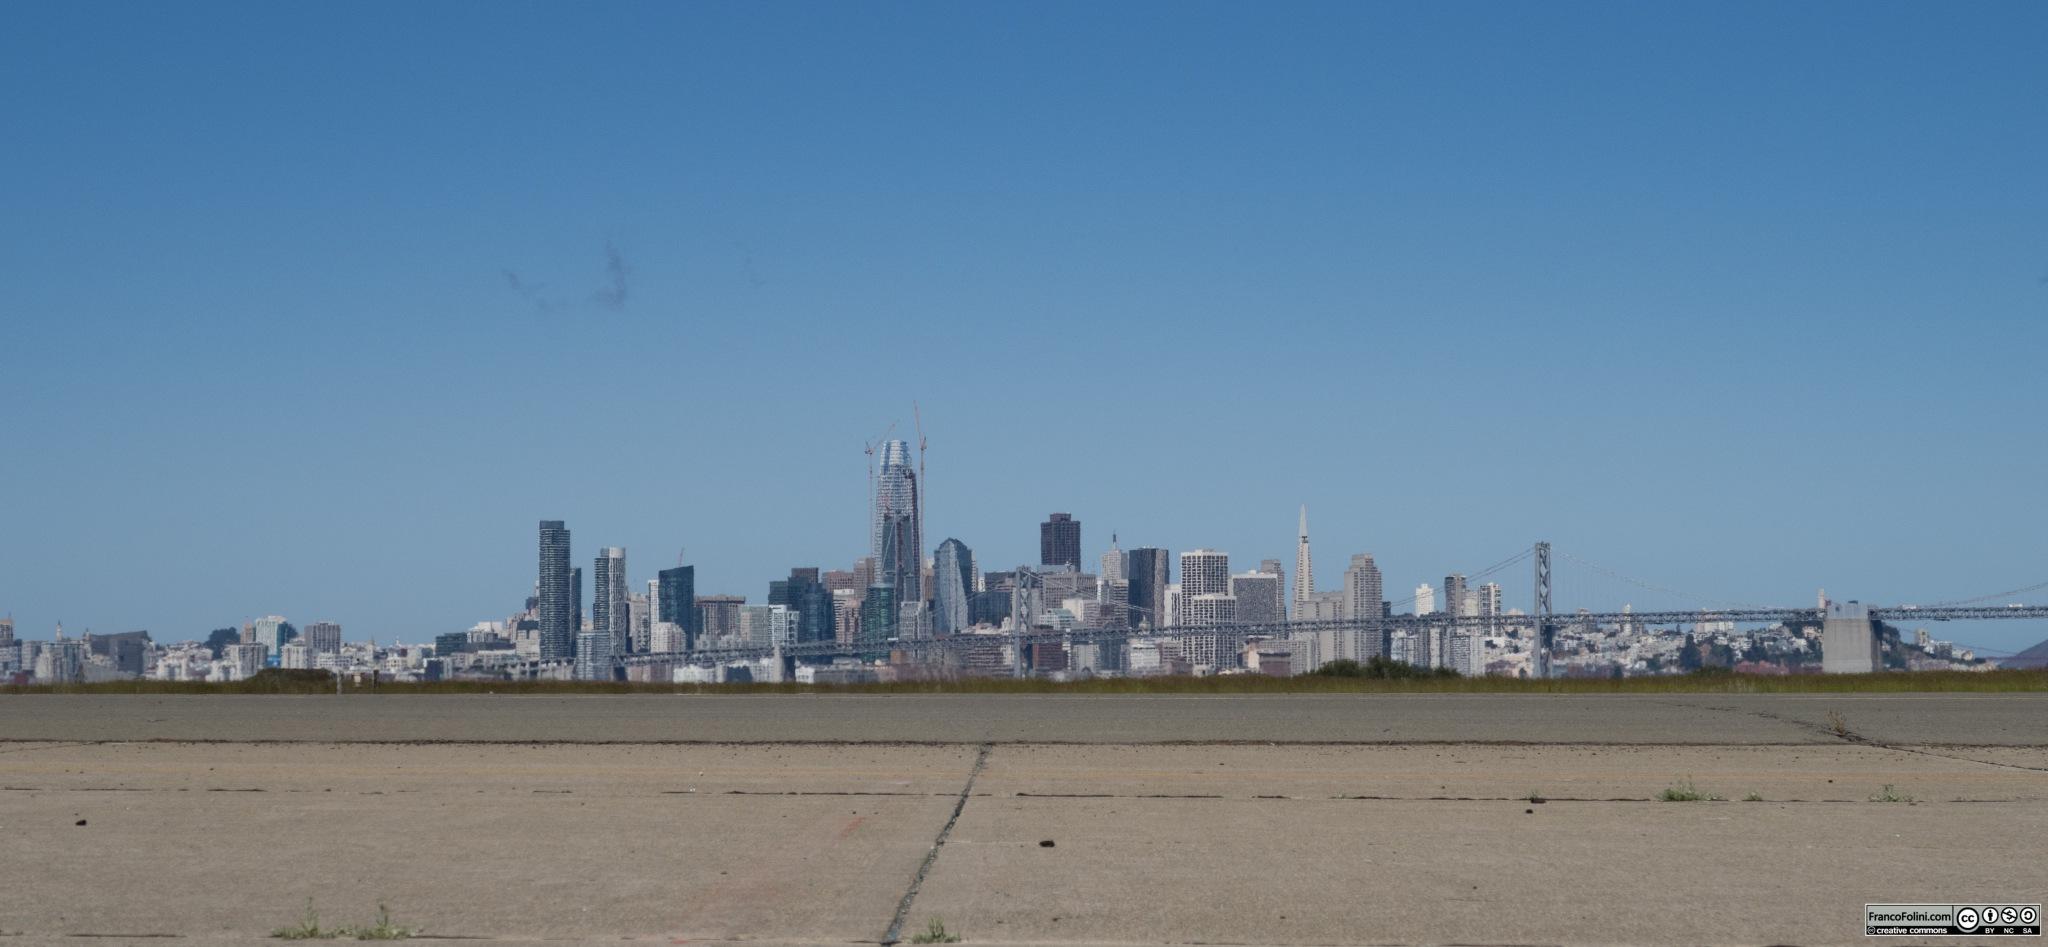 Il vecchio aeroporto militare di Alameda, ora pressoché abbandonato. Da qui, in assenza di nebbia, si gode un'eccezionale vista sulla città di San Francisco e il bay bridge